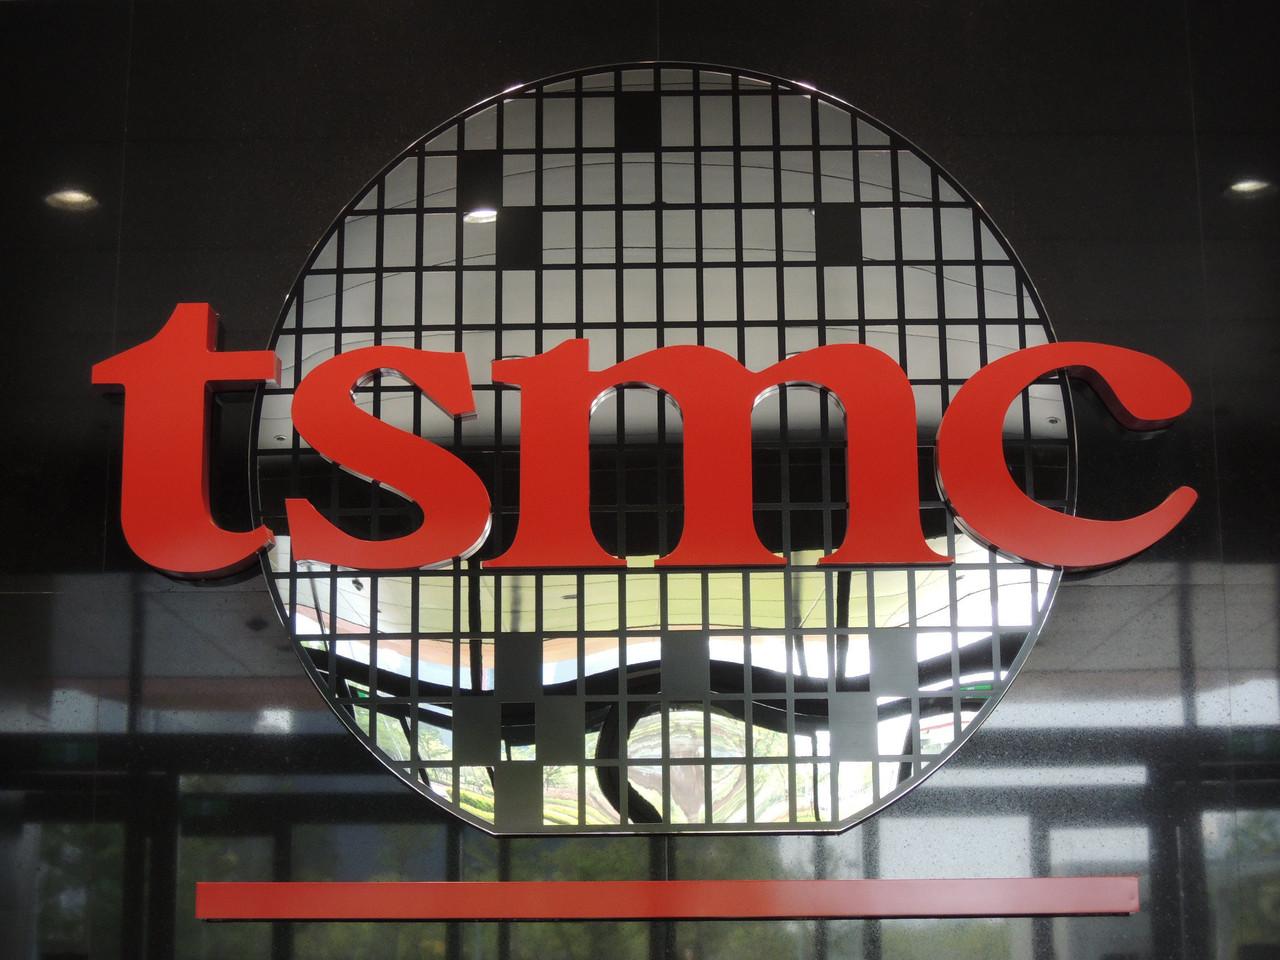 TSMC es víctima del robo de información confidencial